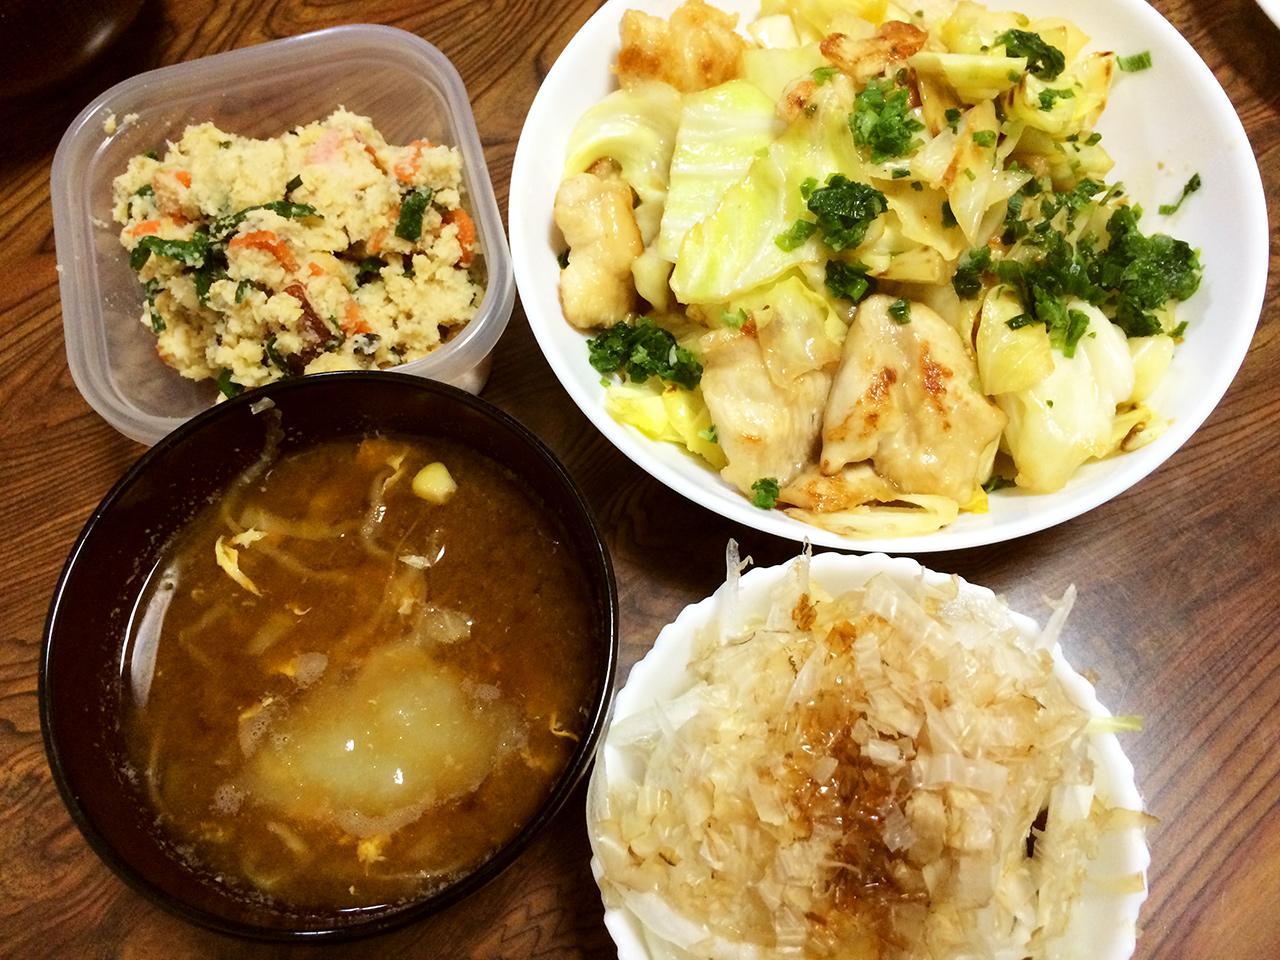 鶏胸肉の中華風さっぱり炒め、冷奴新たまねぎ乗せ、おから、キャベツととうもろこしの味噌汁